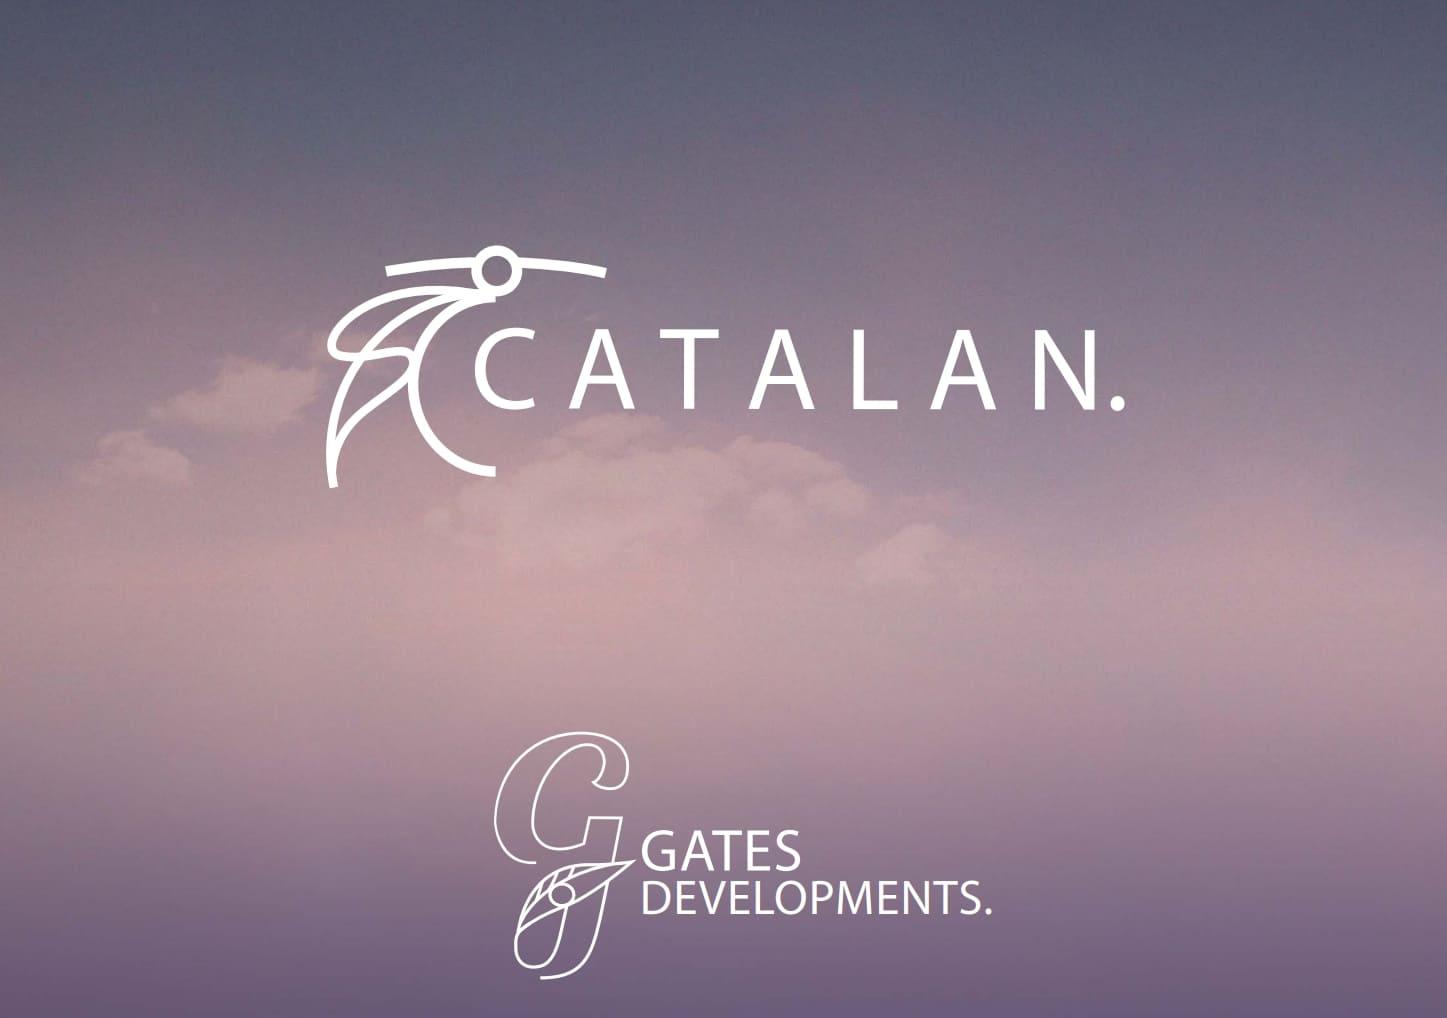 كمبوند كتالان العاصمة الادارية الجديدة Catalan Compound